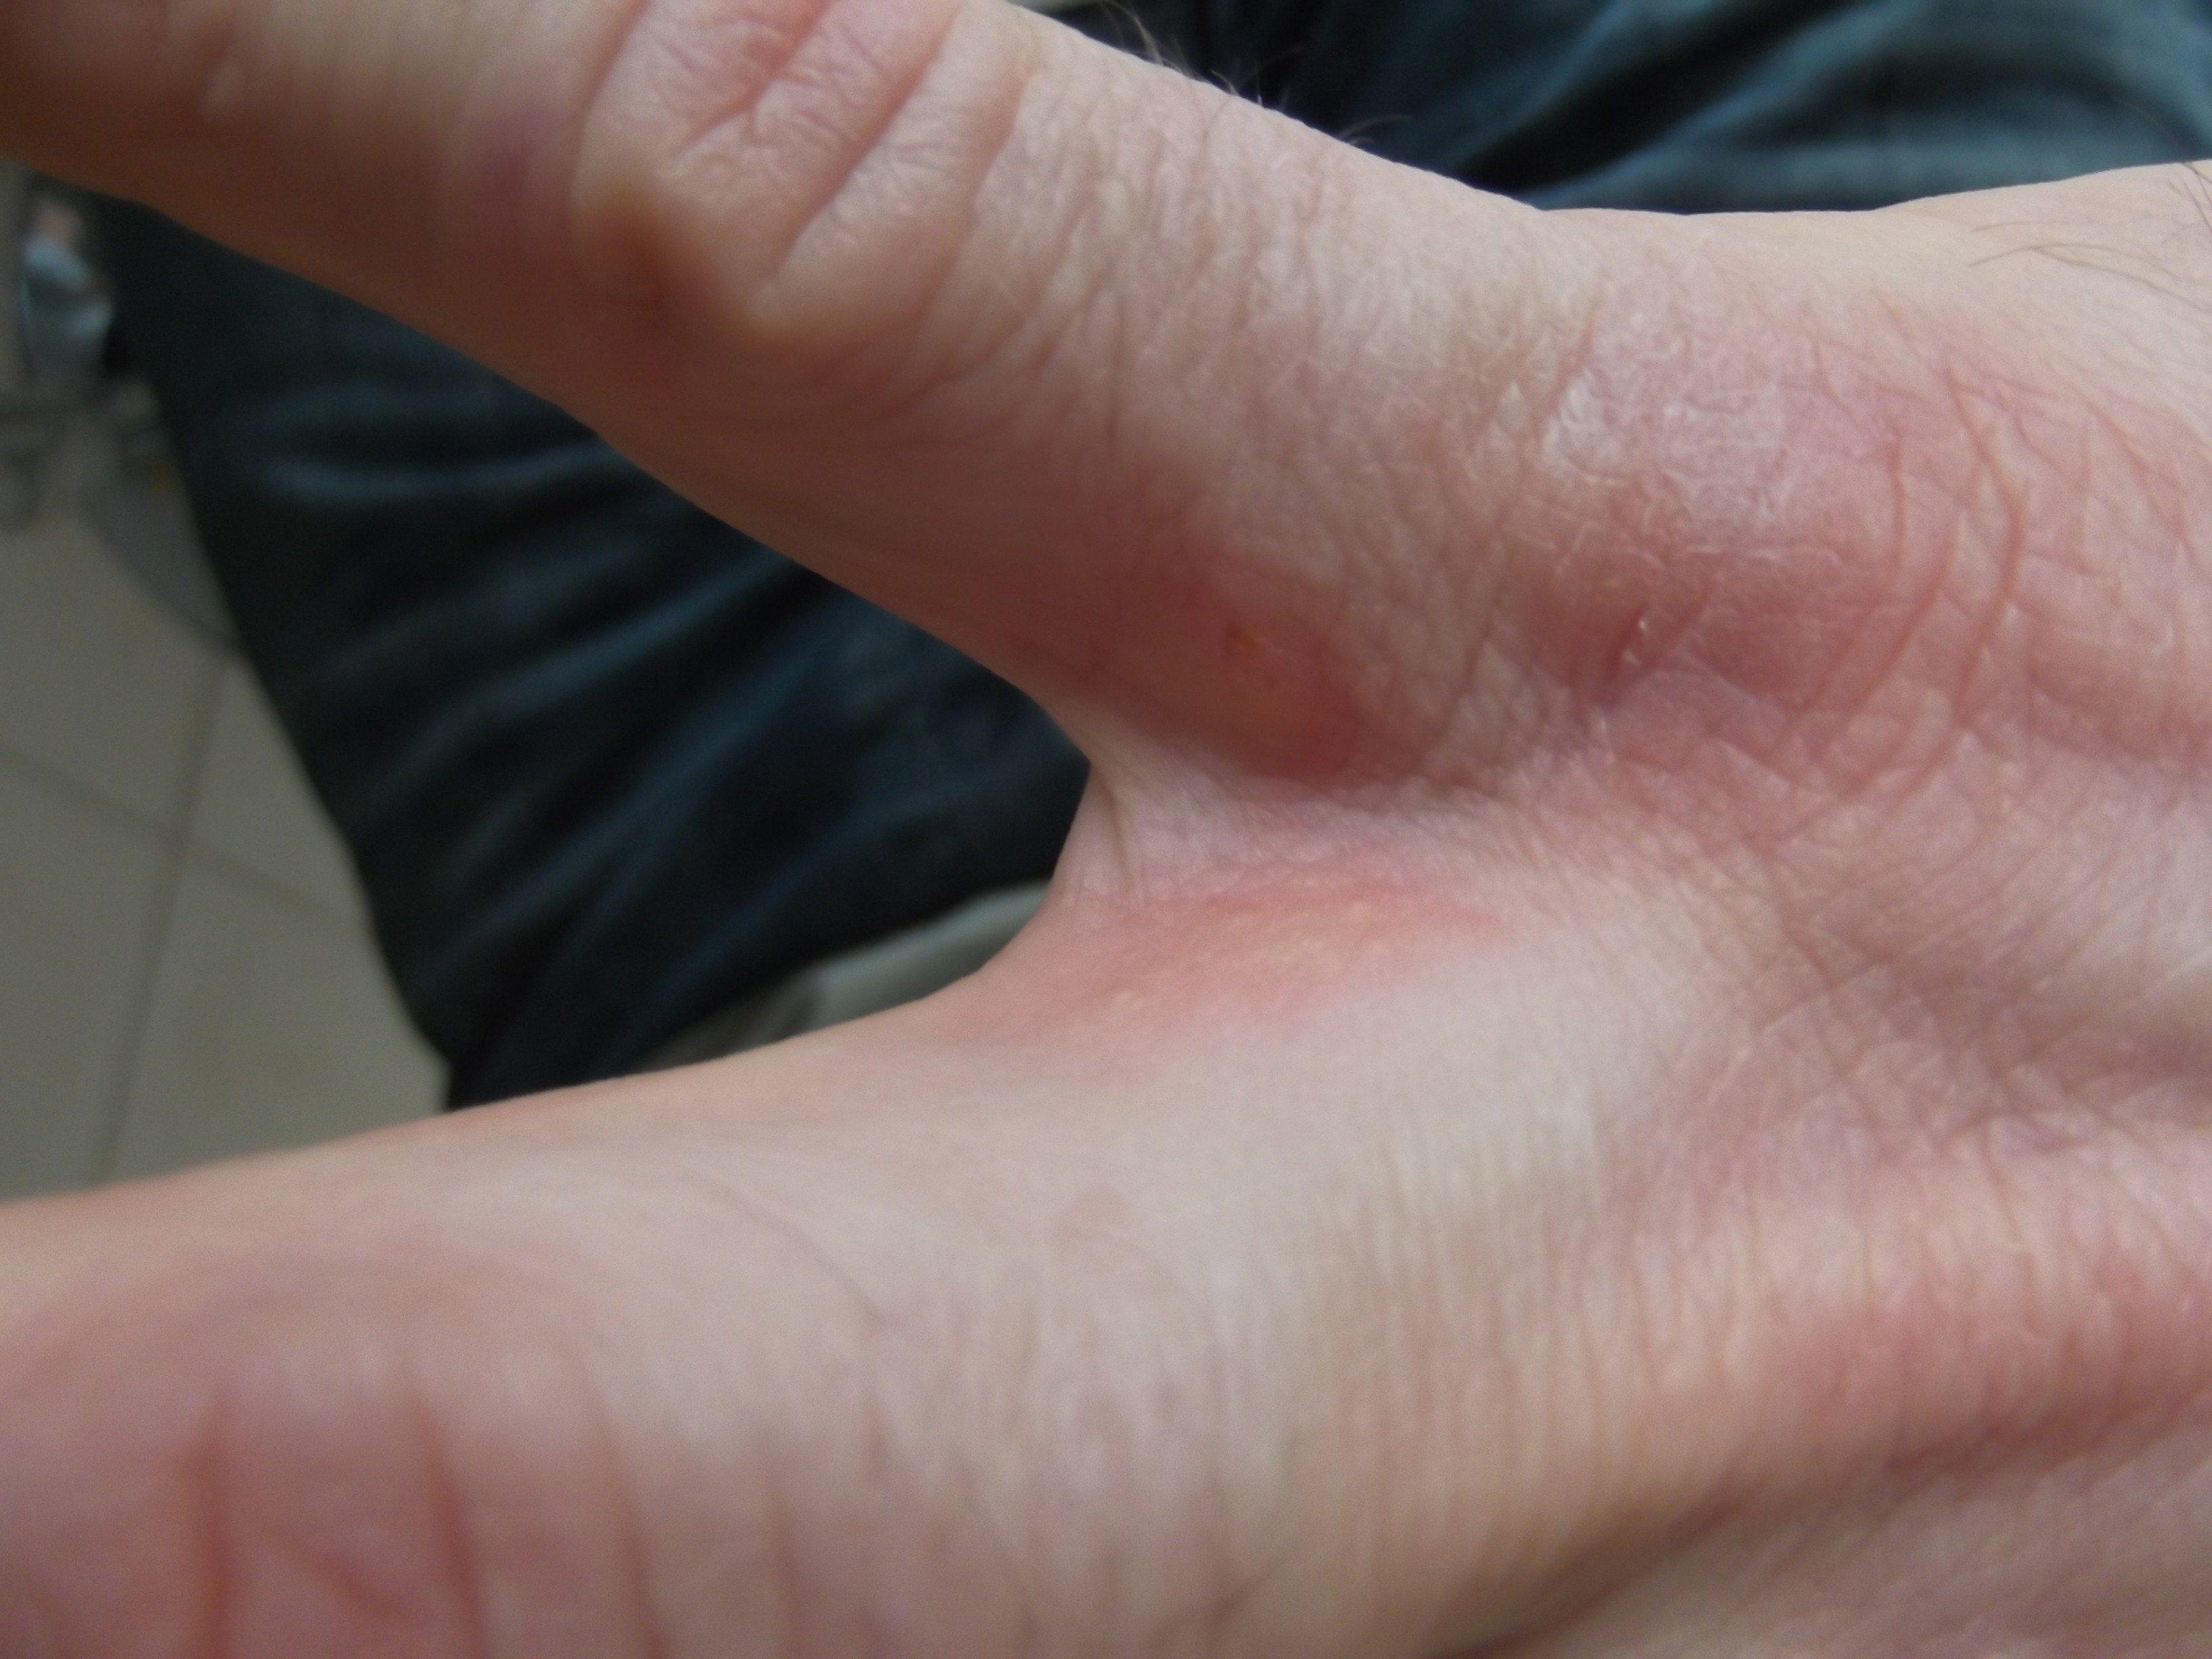 la gale bouton entre les doigt